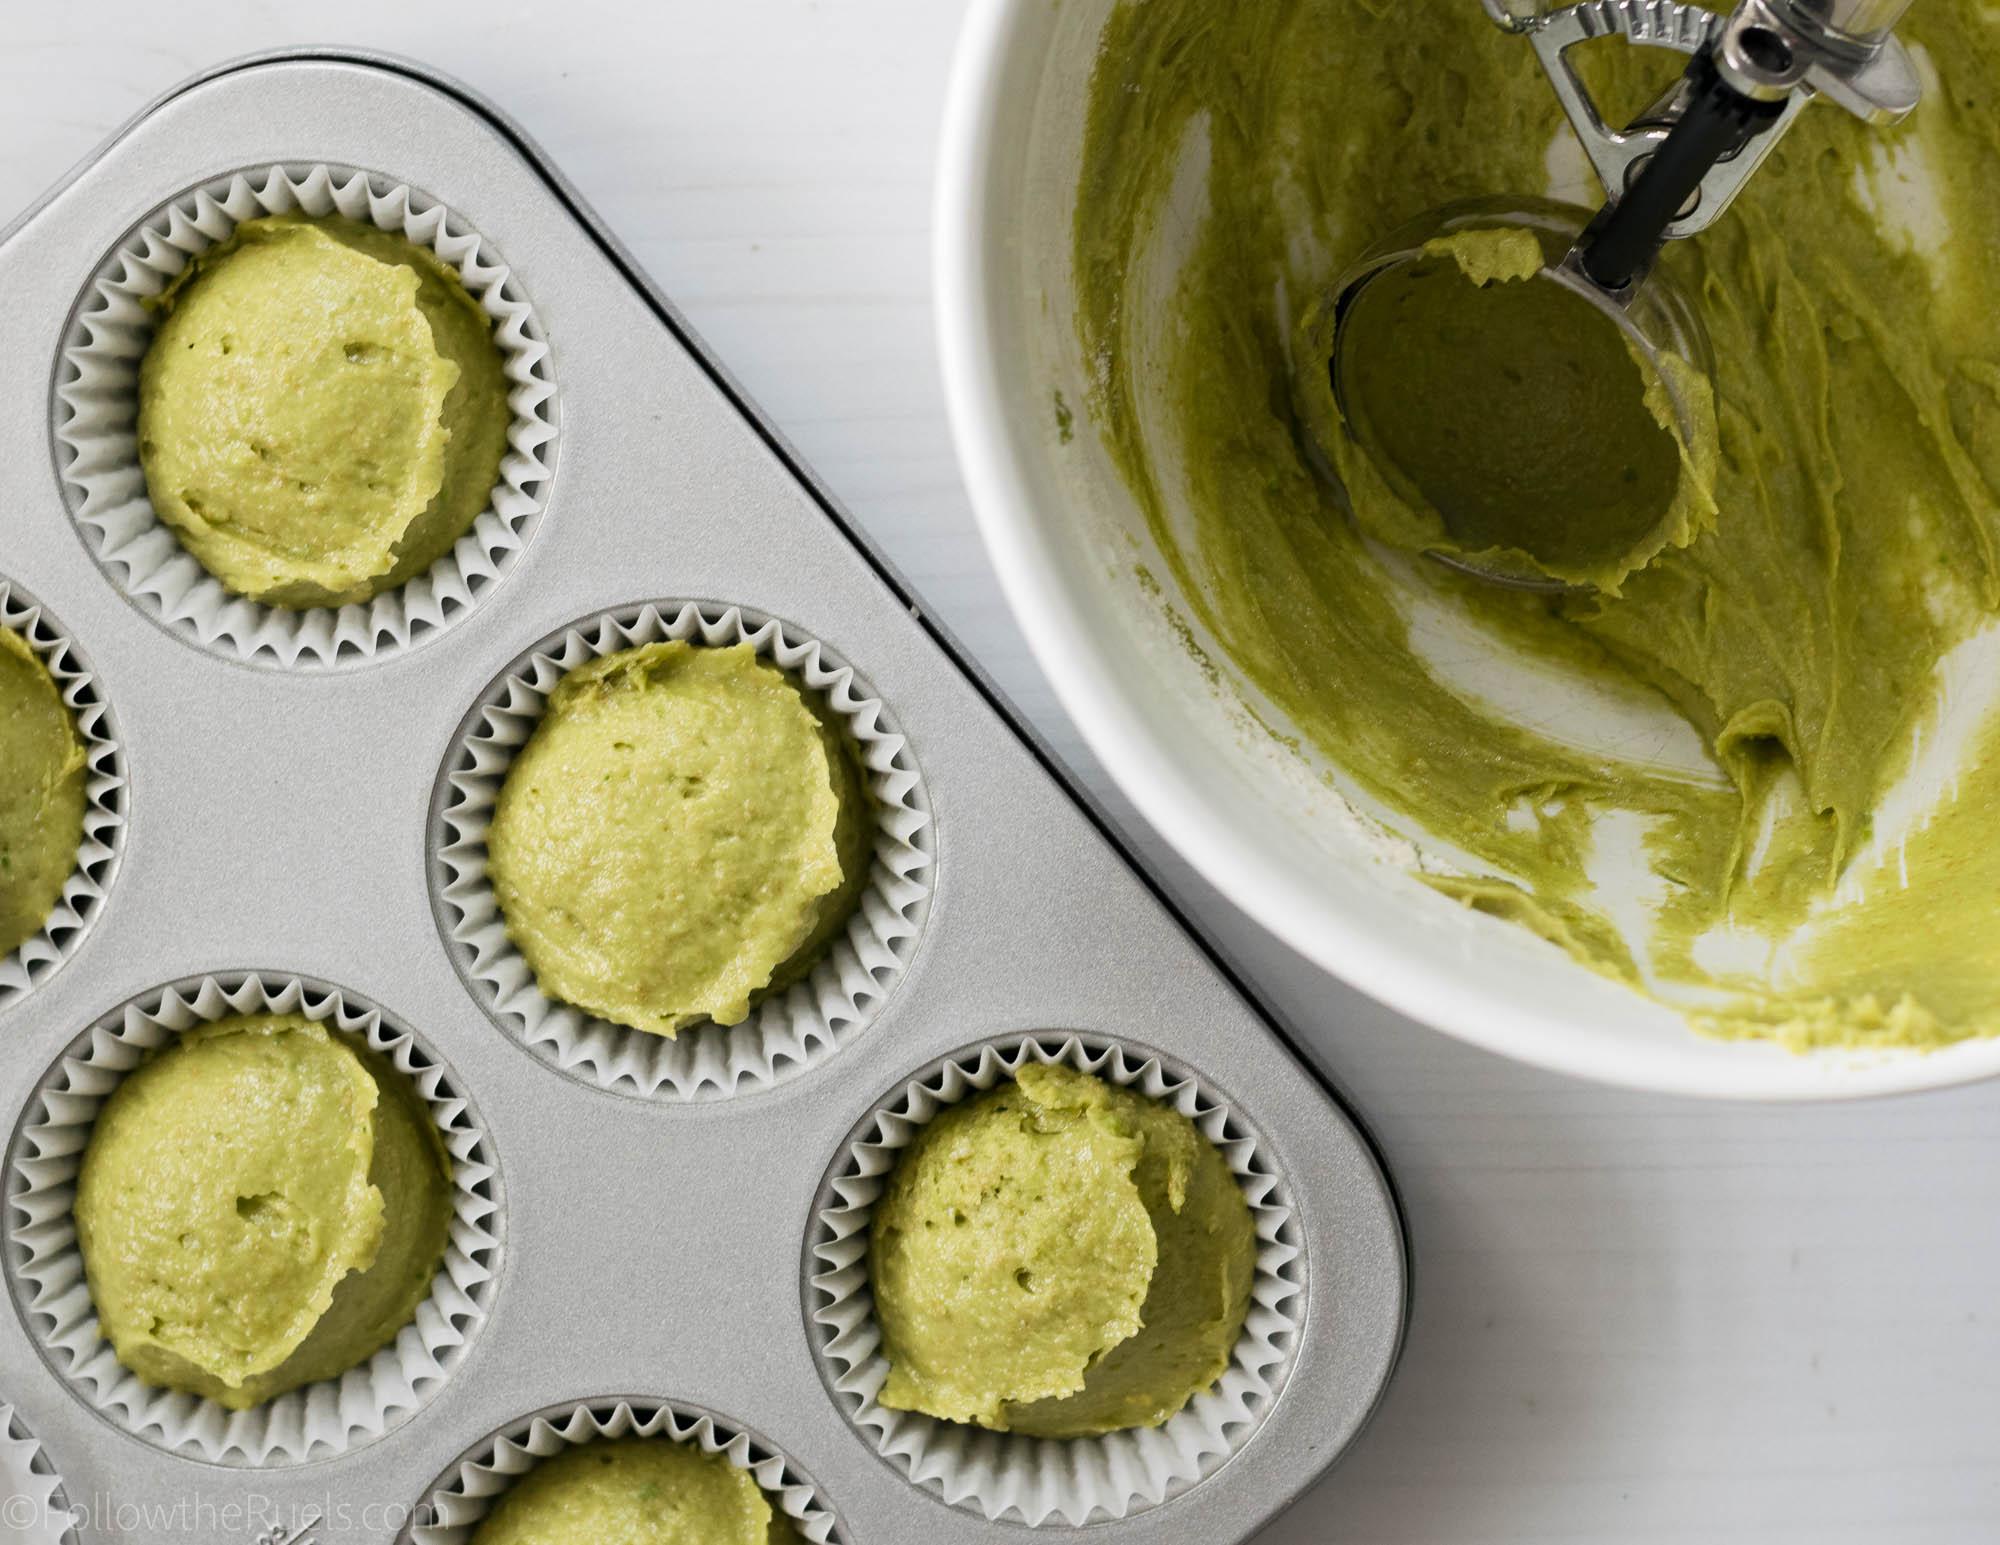 Avocado-Muffins-4.jpg